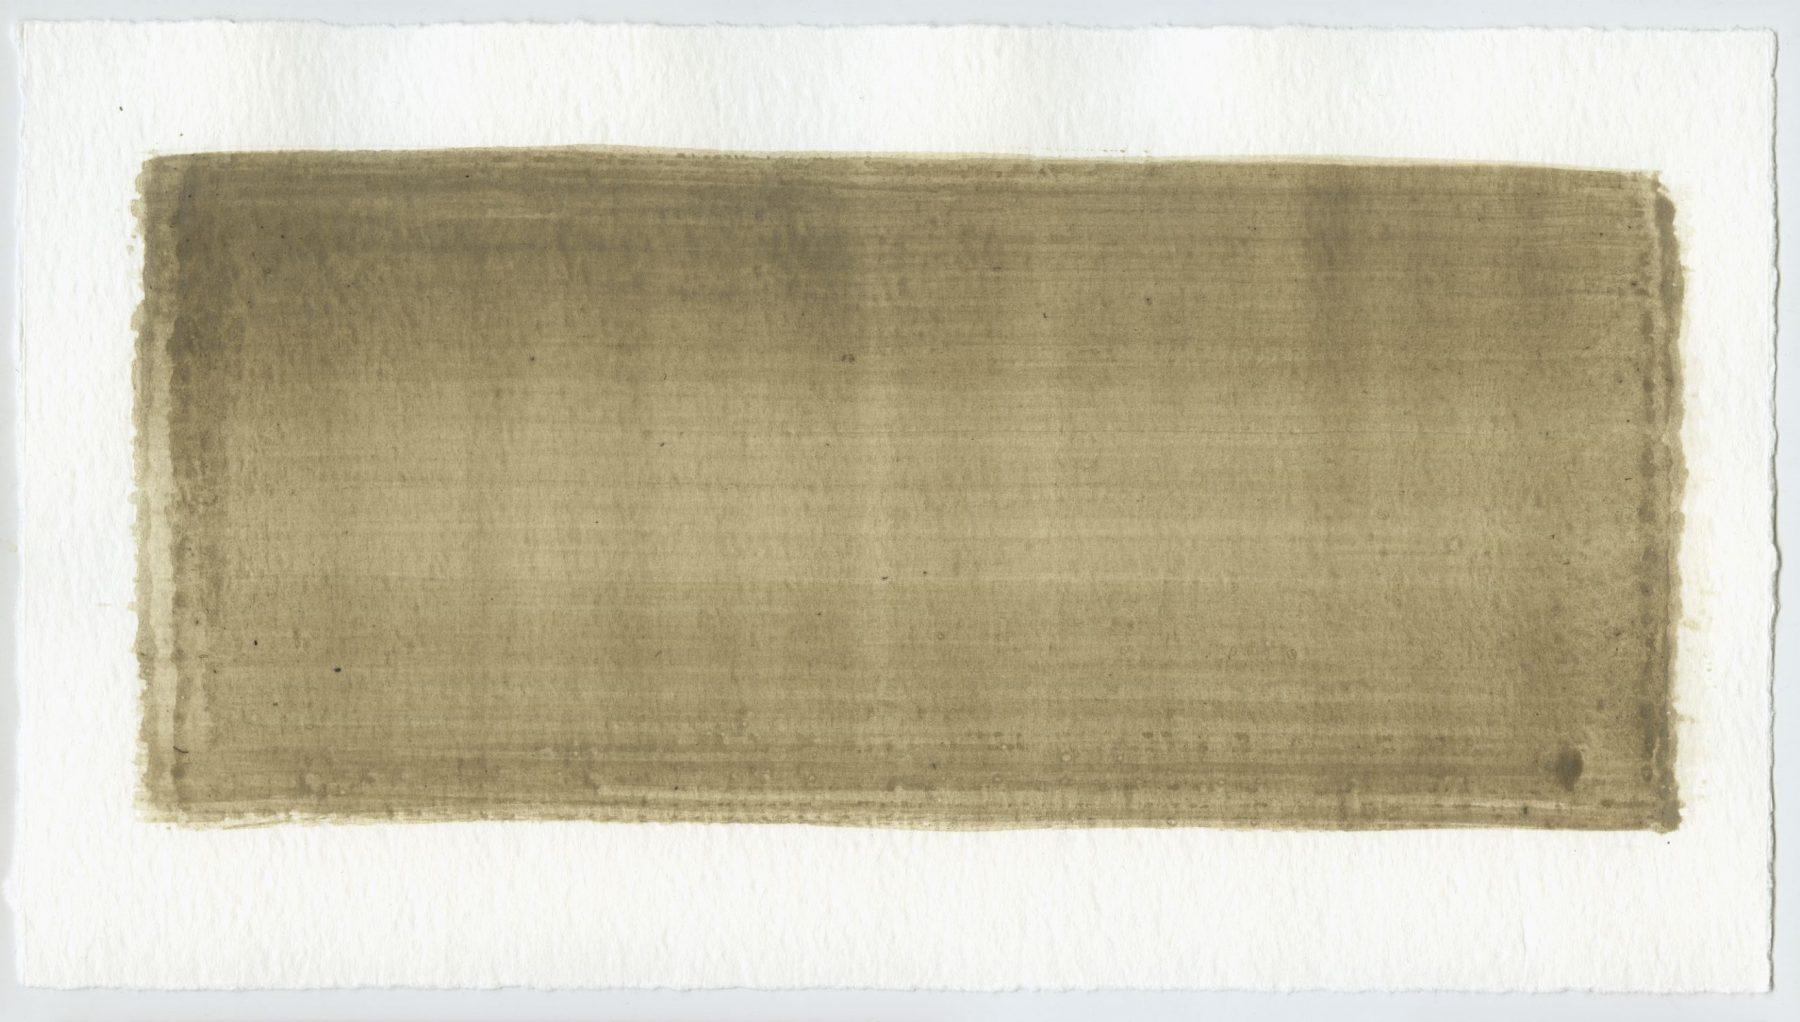 Brush stroke no. 9 - Selfmade pigment: Boekels grijs